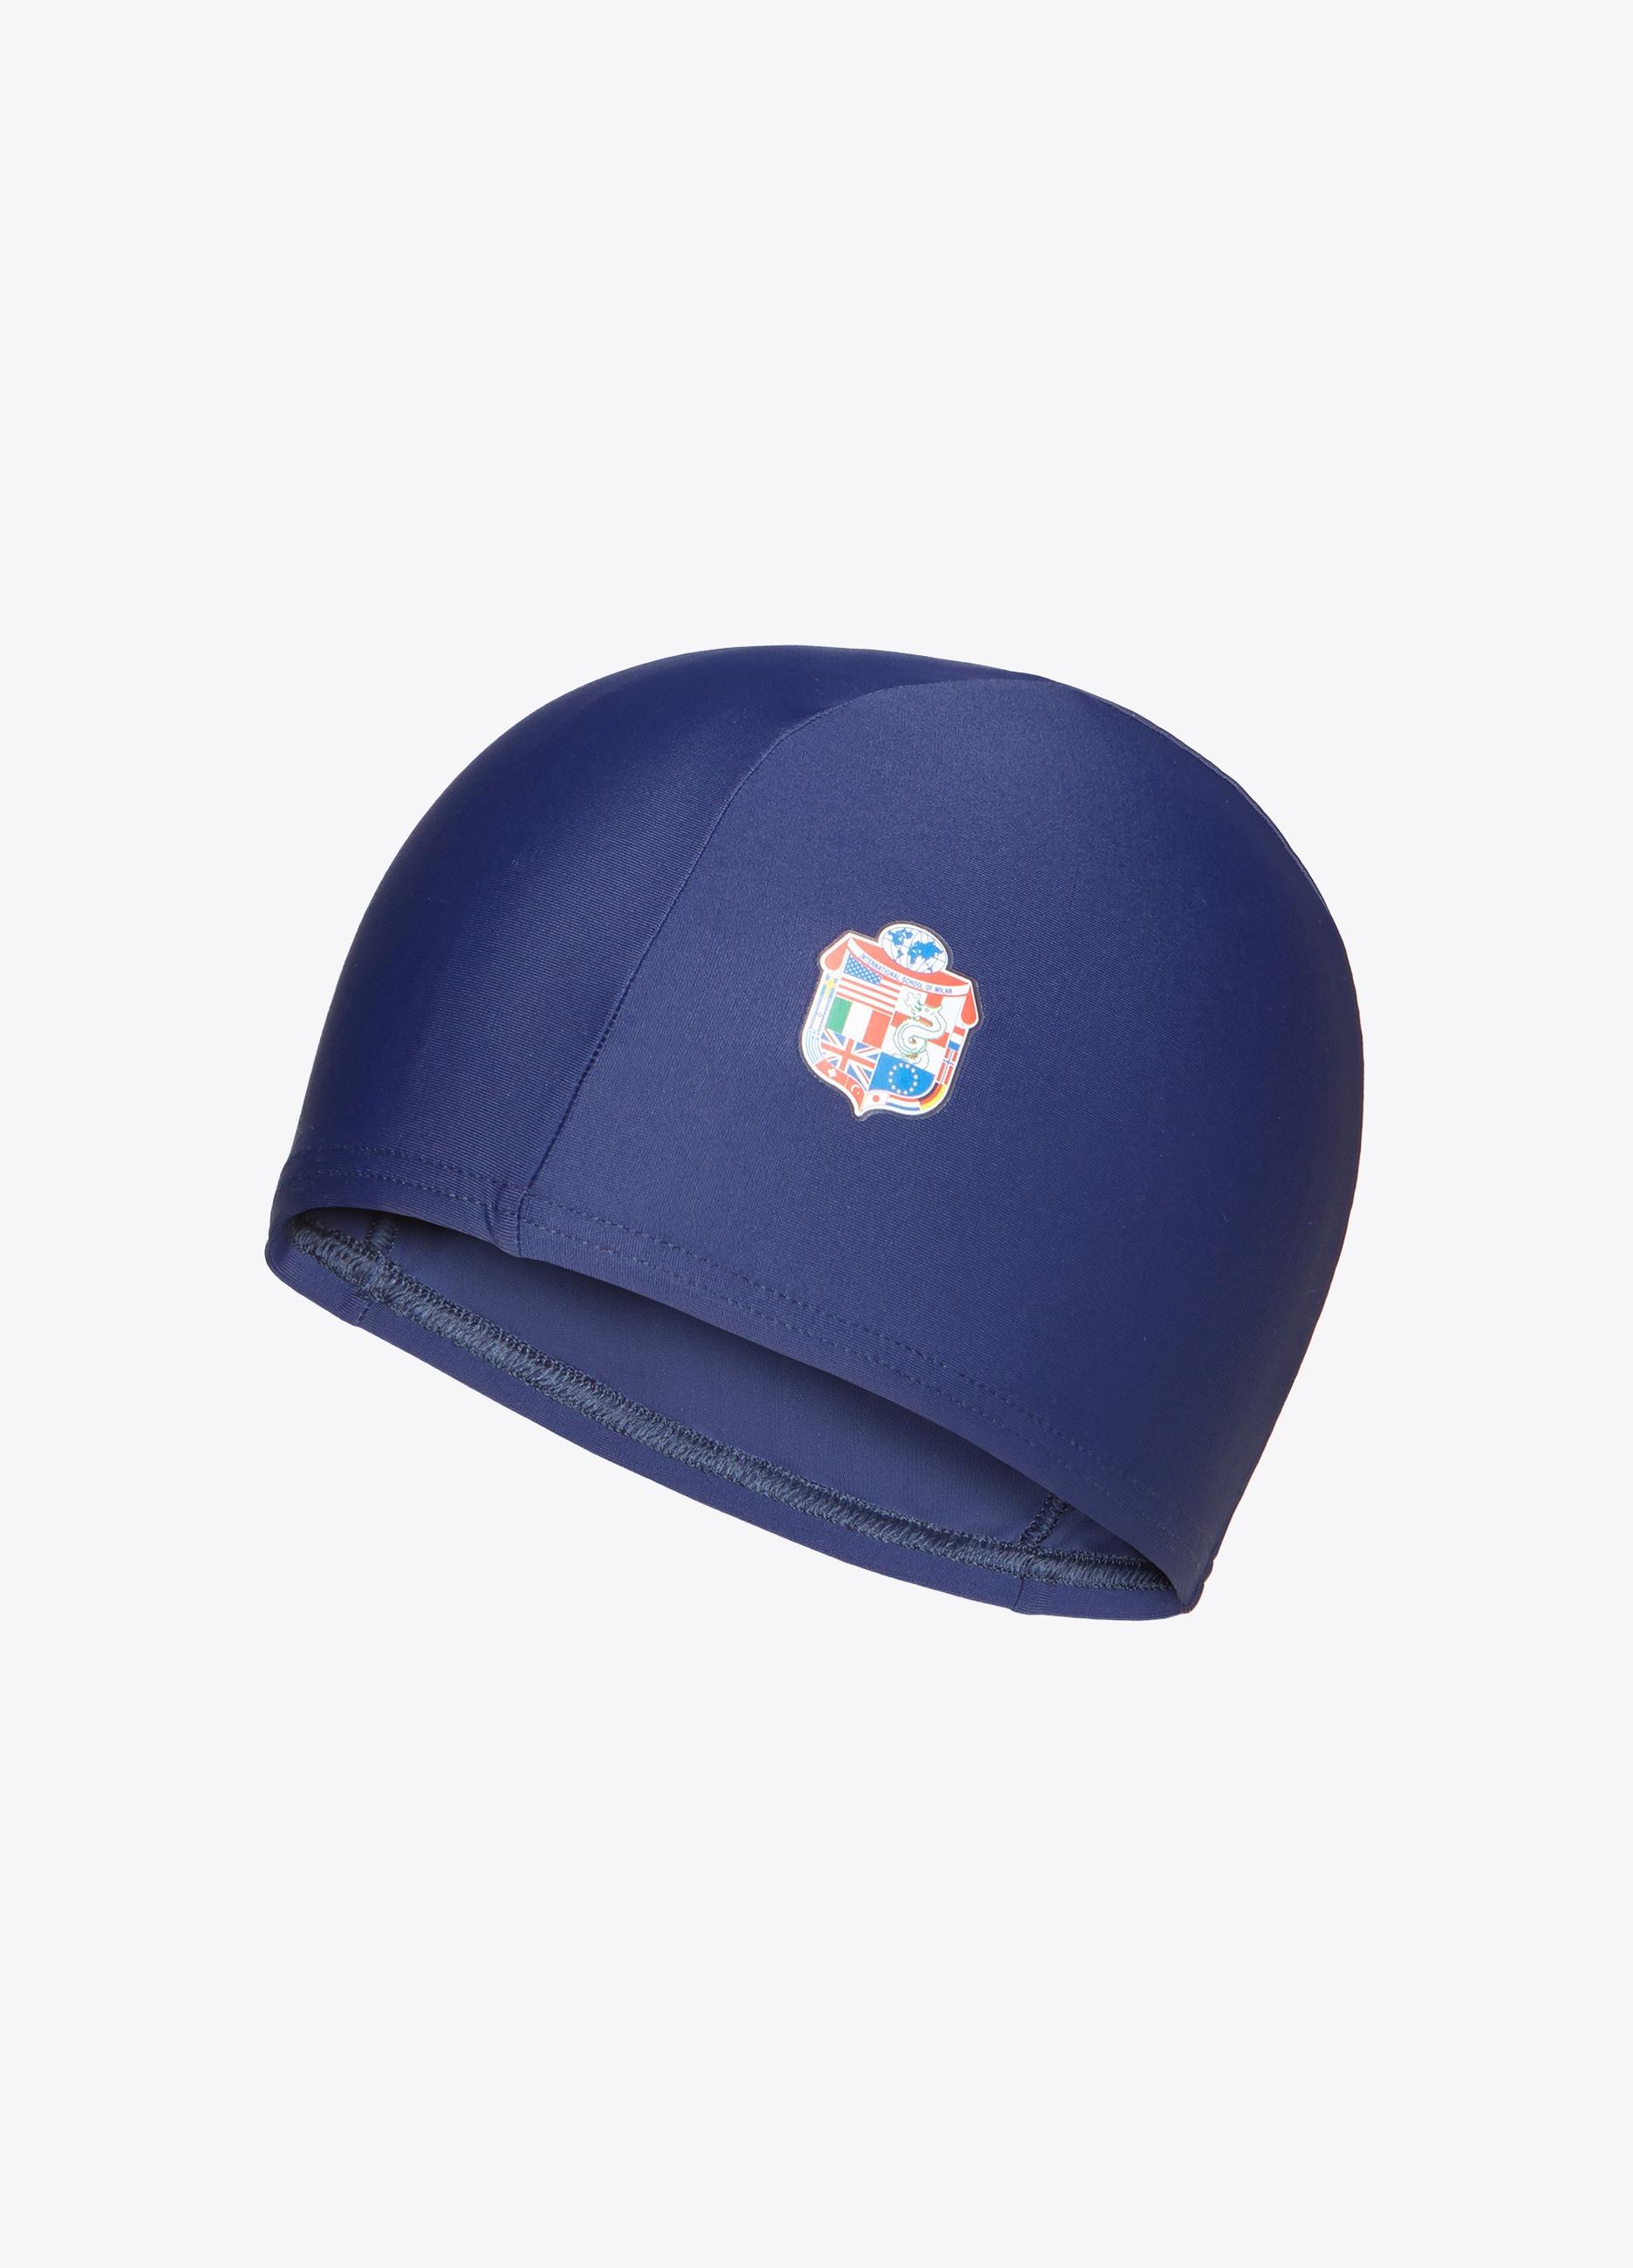 Lycra swim cap with print